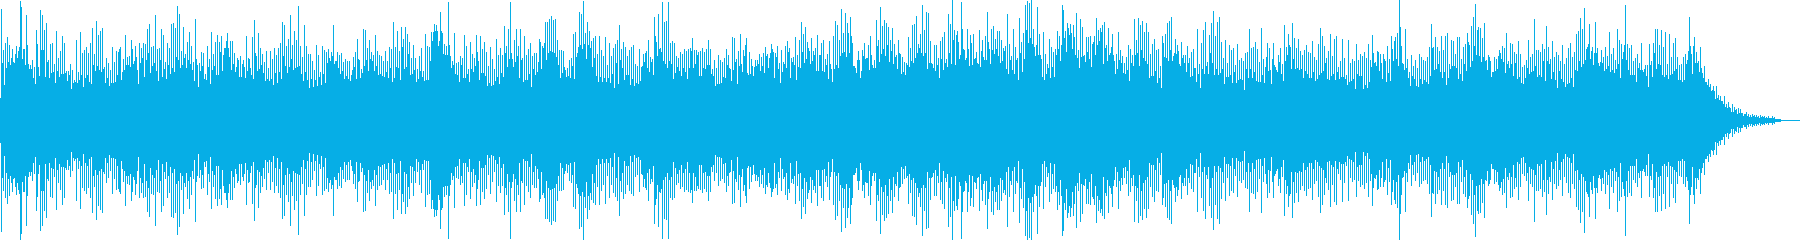 アナログシンセタムのシーケンスフレーズの再生済みの波形